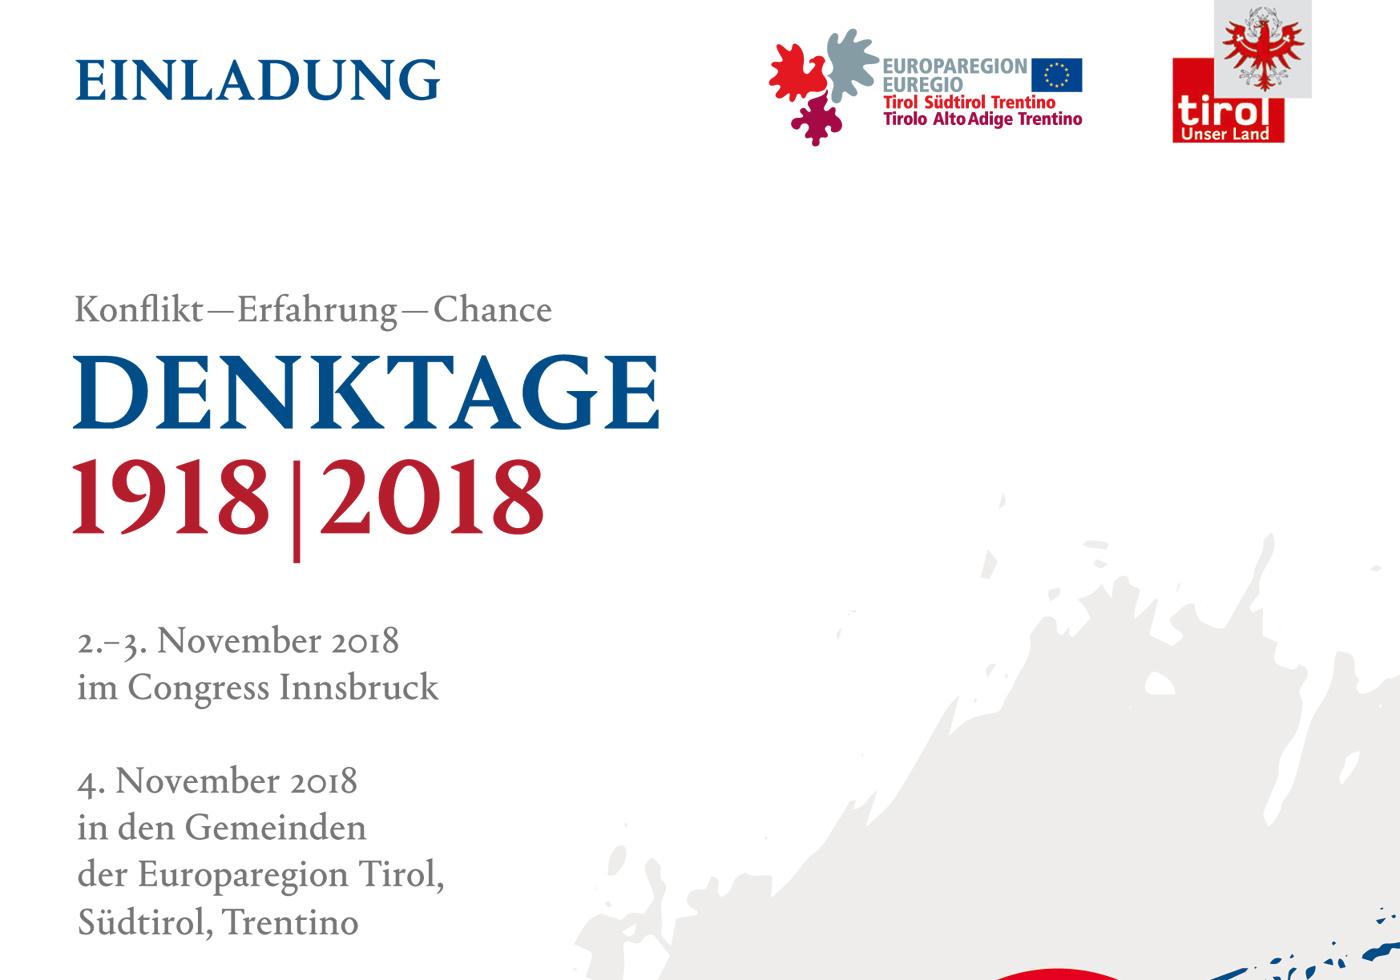 DENKTAGE 1918|2018 der Europaregion Tirol